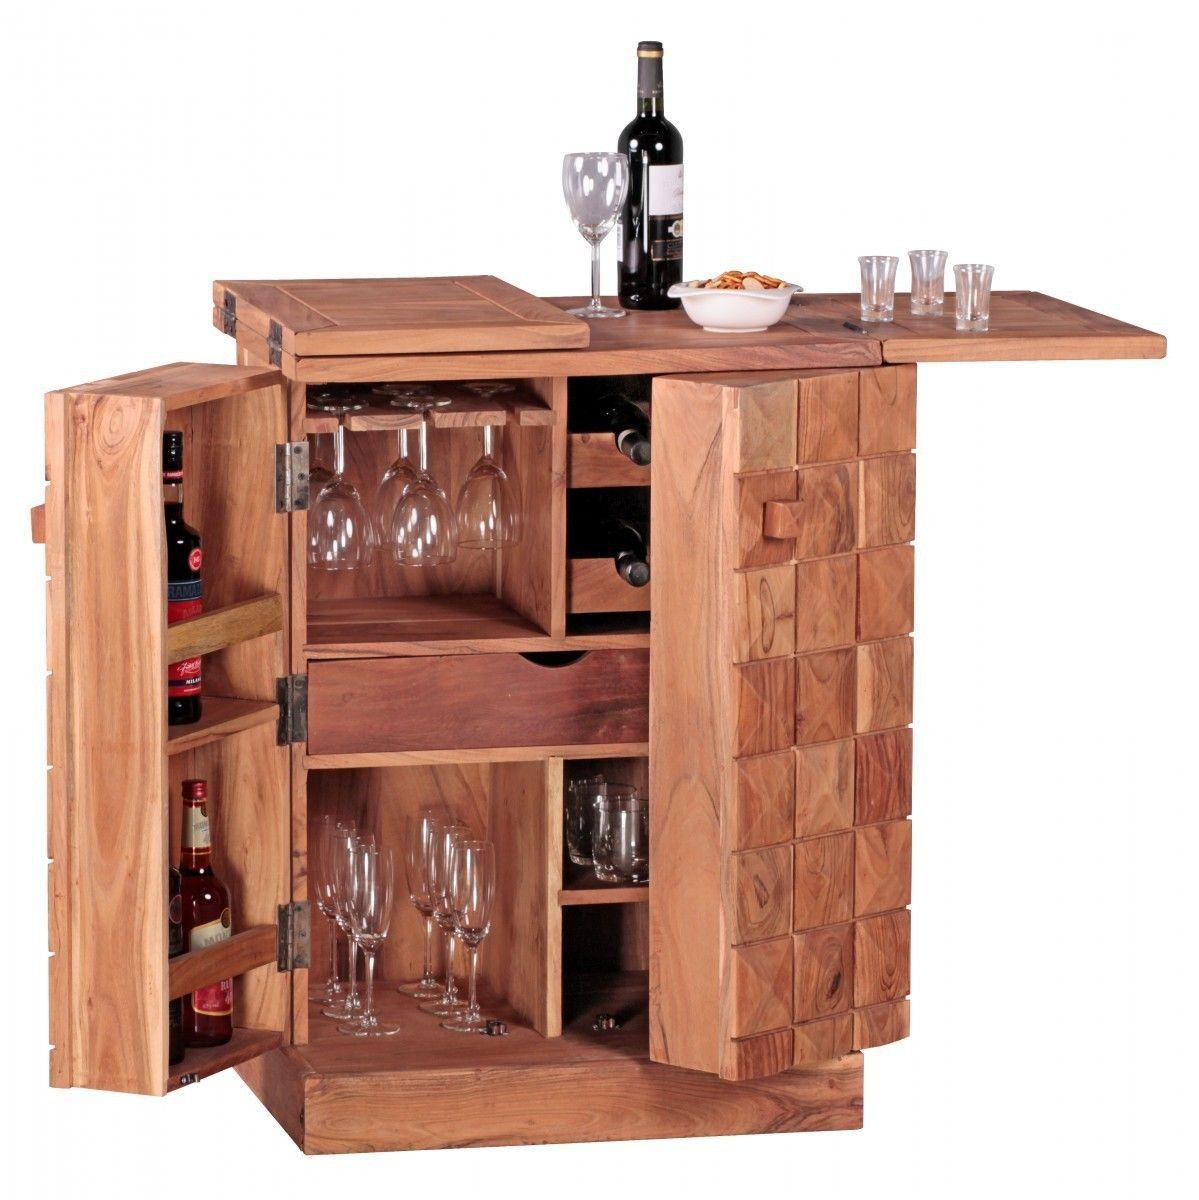 WOHNLING Hausbar Massivholz Akazie Weinbar ausklappbar Vitrine ...